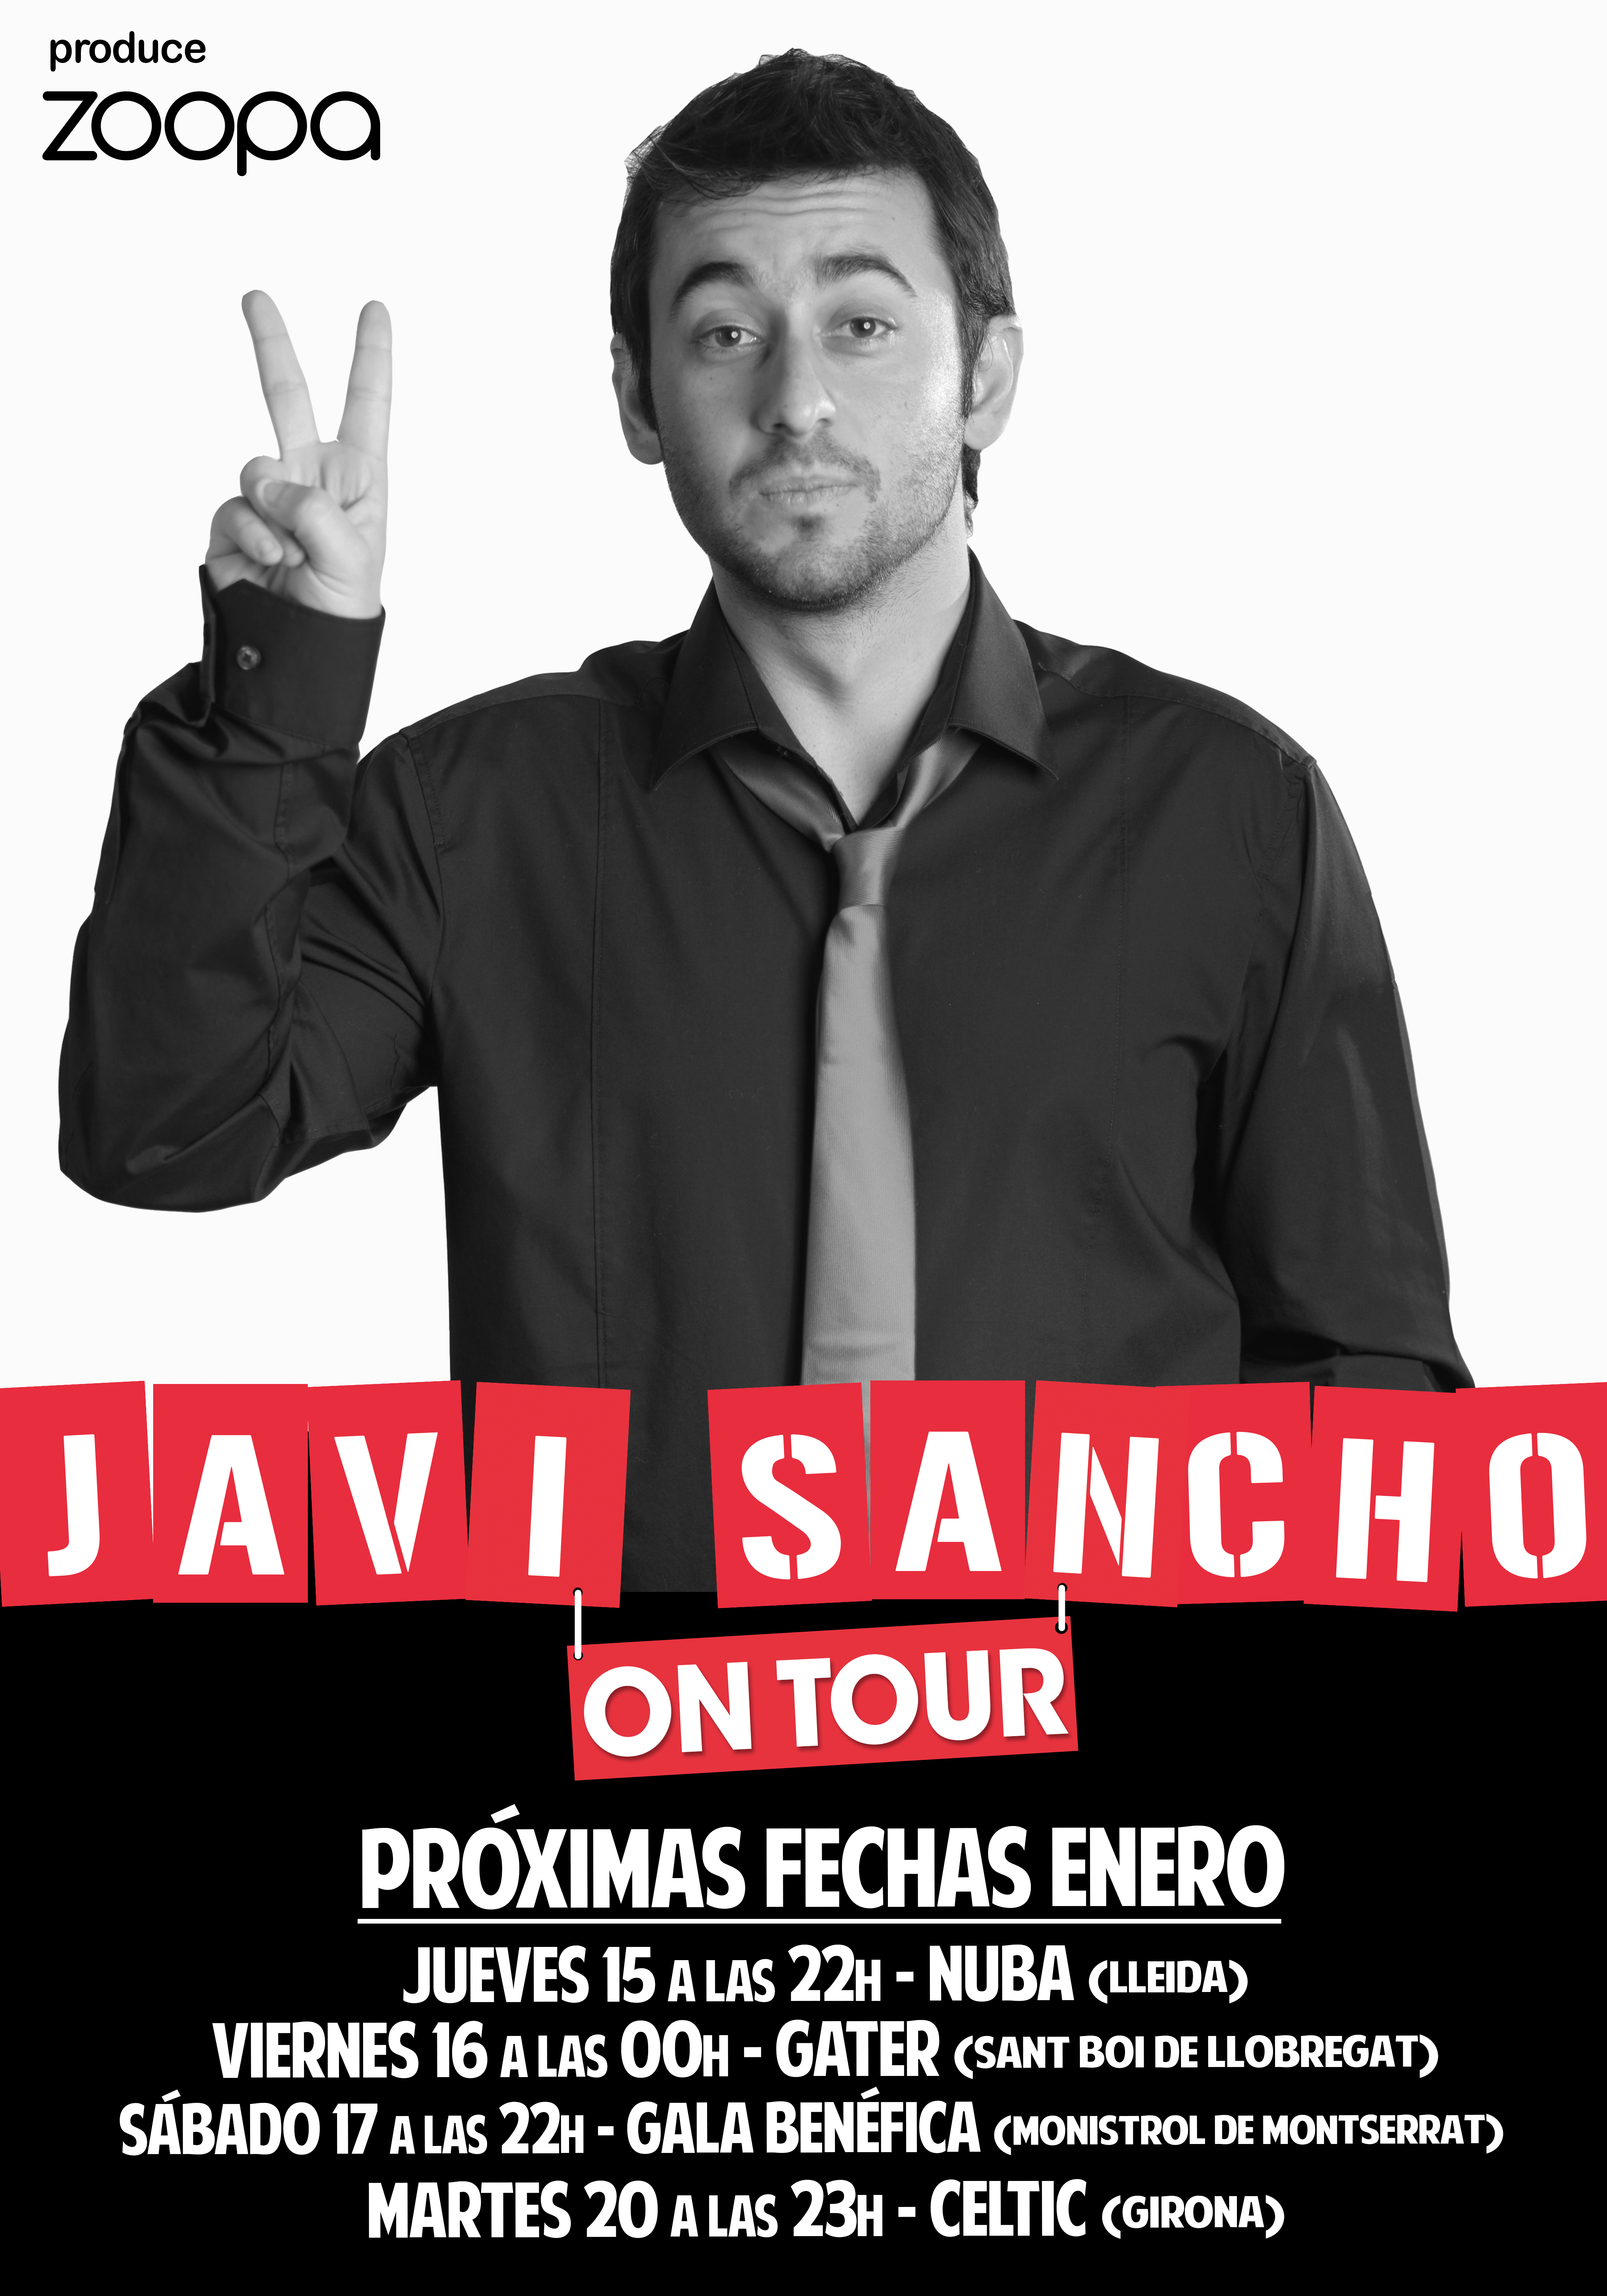 JAVI SANCHO ON TOUR (ENERO)